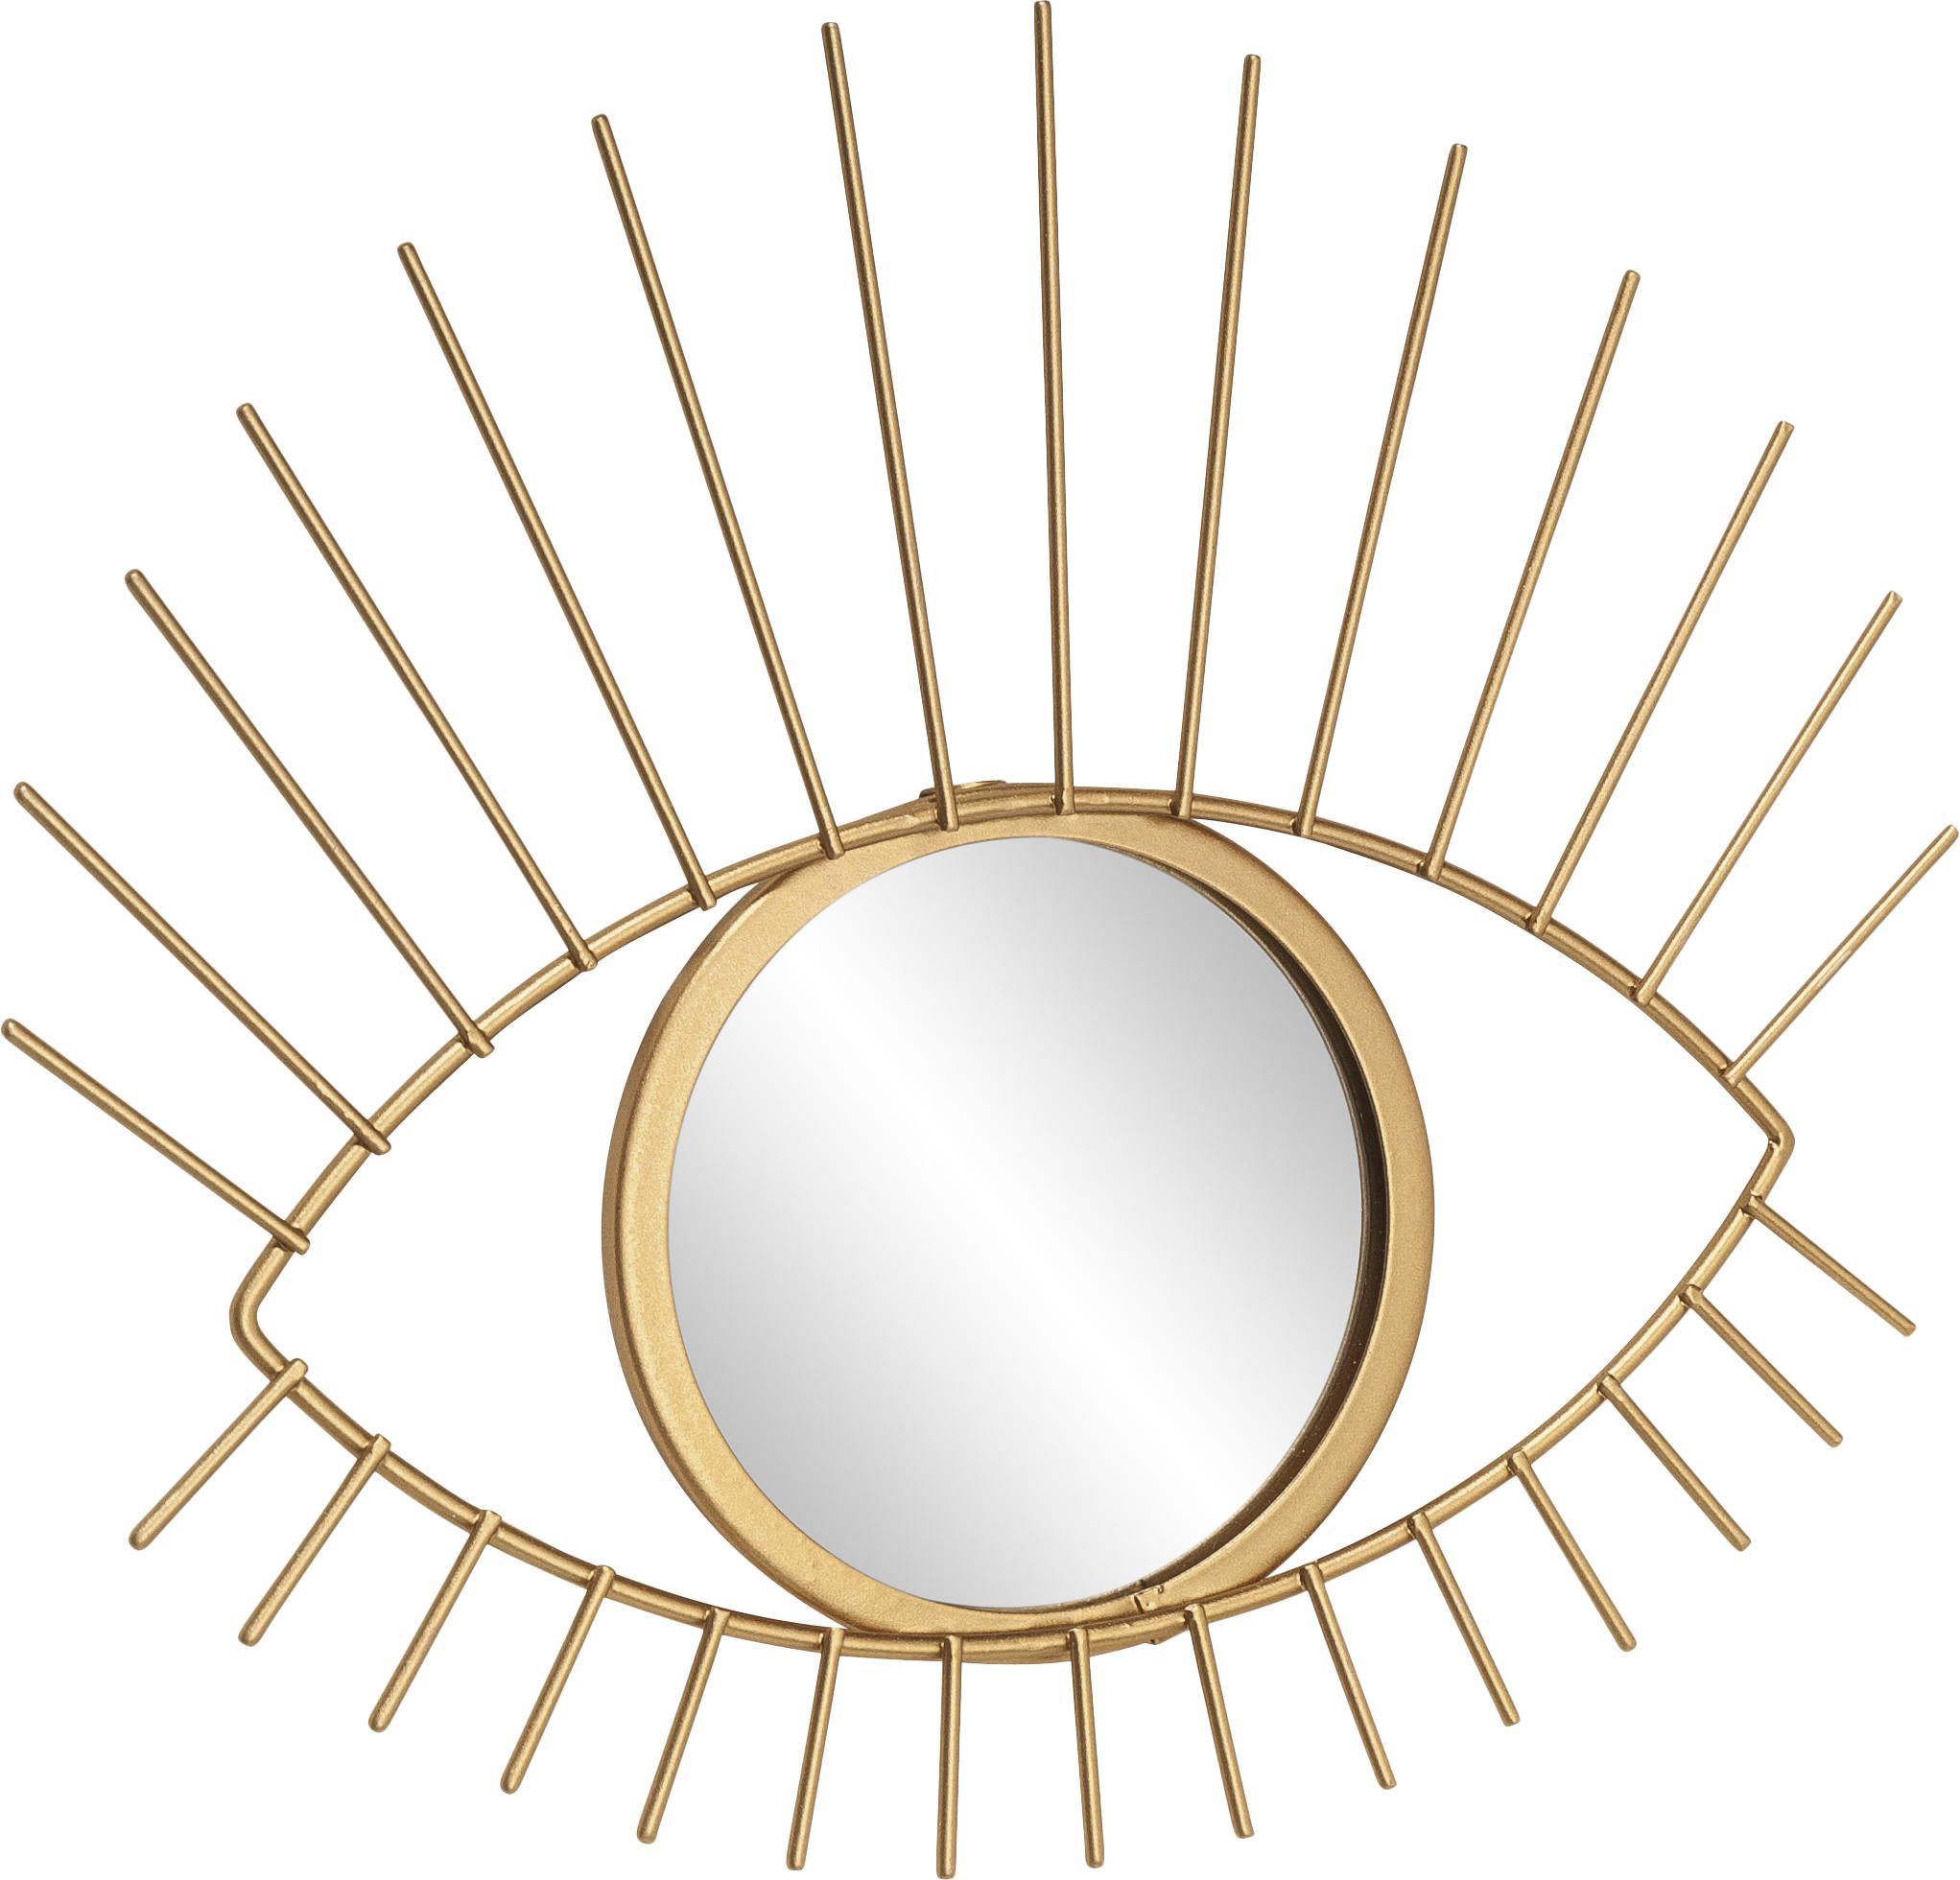 Decoratieve spiegel Auge, Frame: gecoat metaal, Frame: goudkleurig. Spiegelvlak: spiegelglas, 27 x 31 cm